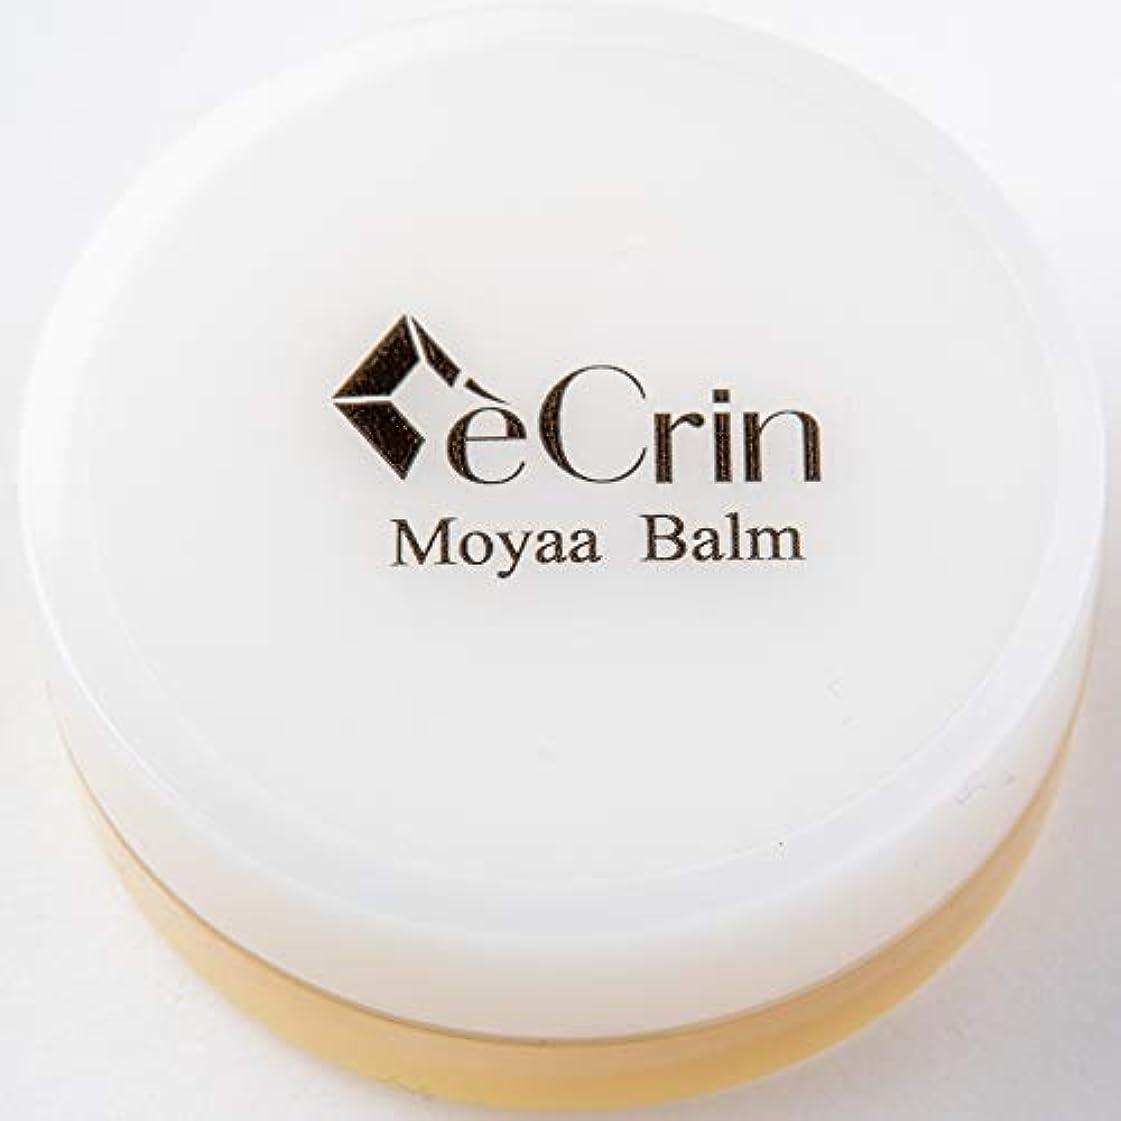 毎年自分の力ですべてをする最初Moyaa Balm (モーヤバーム)天然成分のみで仕上げたシアバター white 無添加 天然成分100%